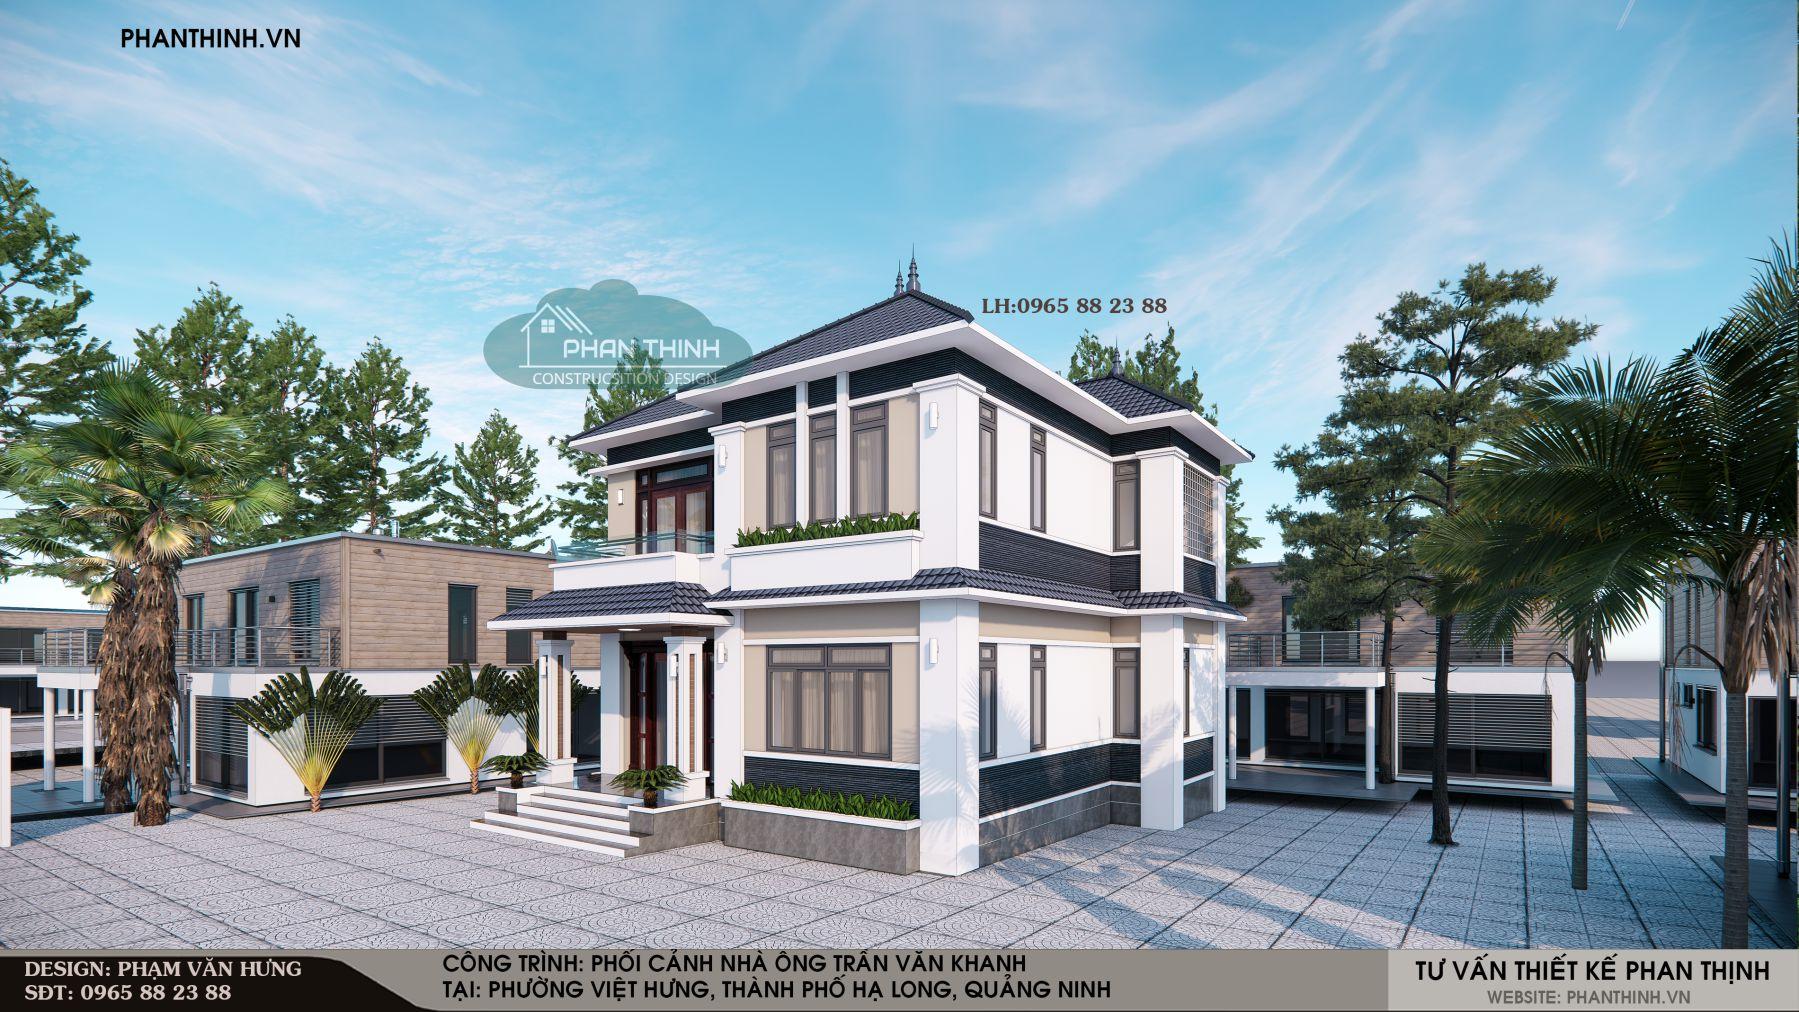 Phối cảnh mặt tiền mẫu biệt thự 2 tầng mái thái đẹp ở Quảng Ninh